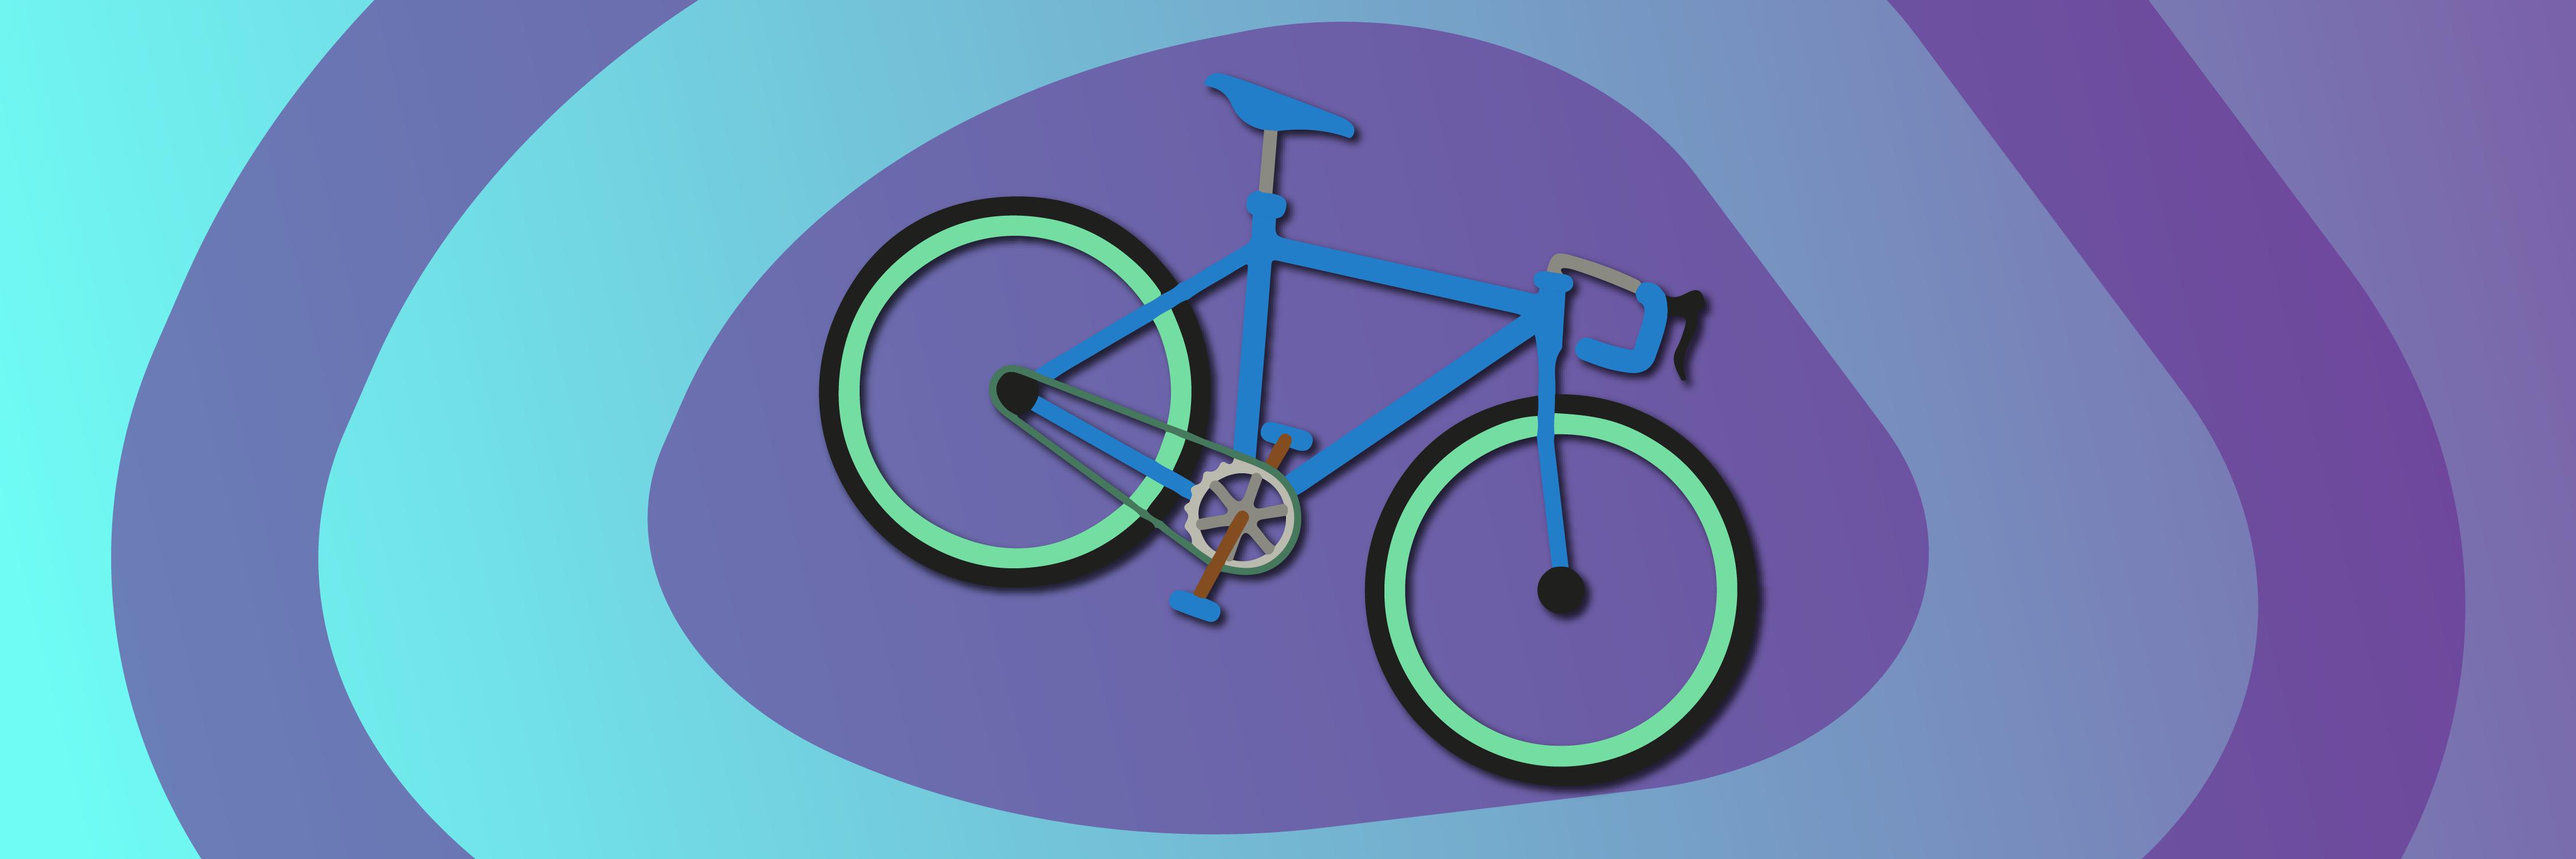 How To Go Global: FLX Bike